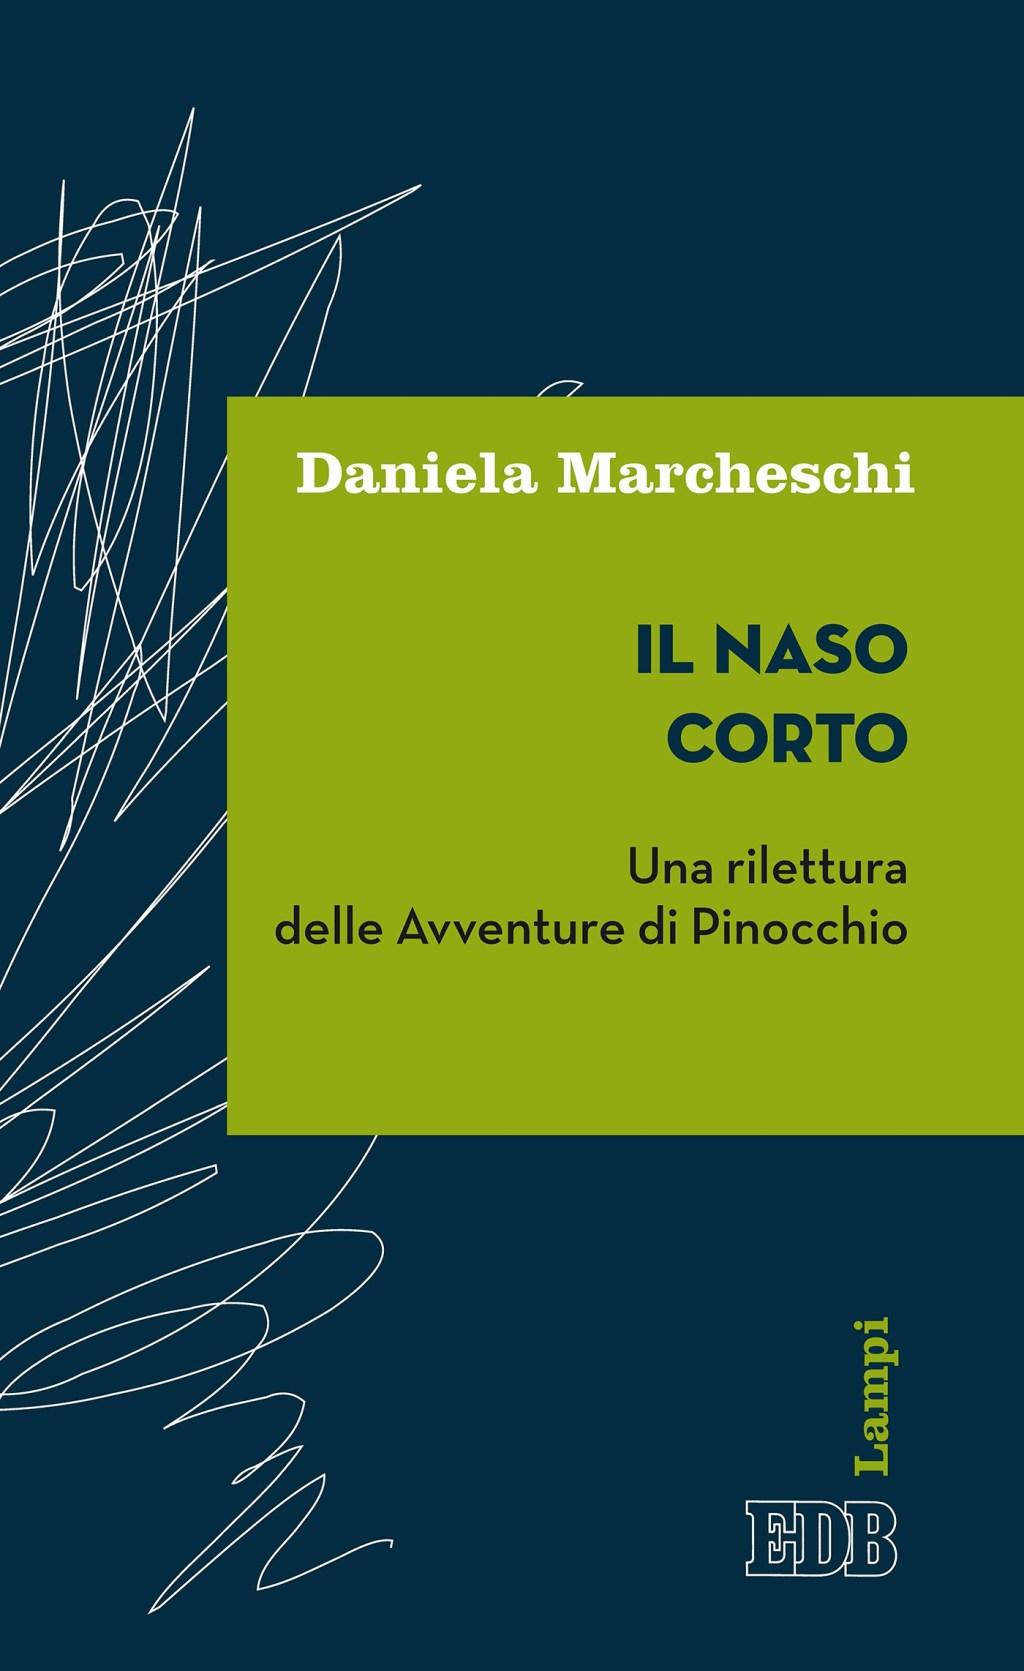 Daniela Marcheschi